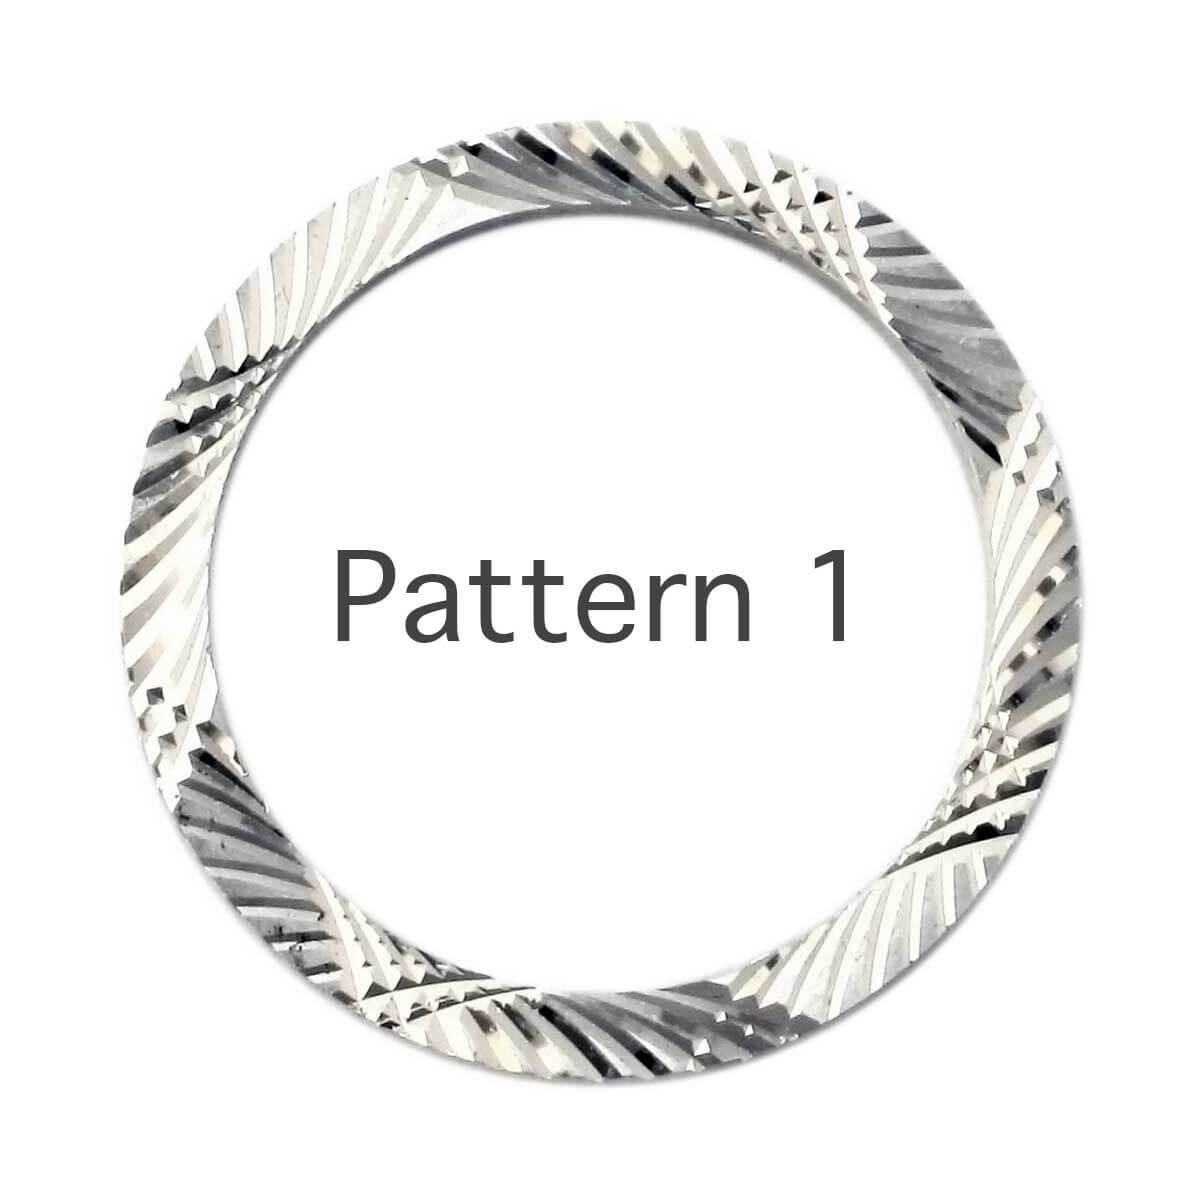 kryptos ring pattern 1